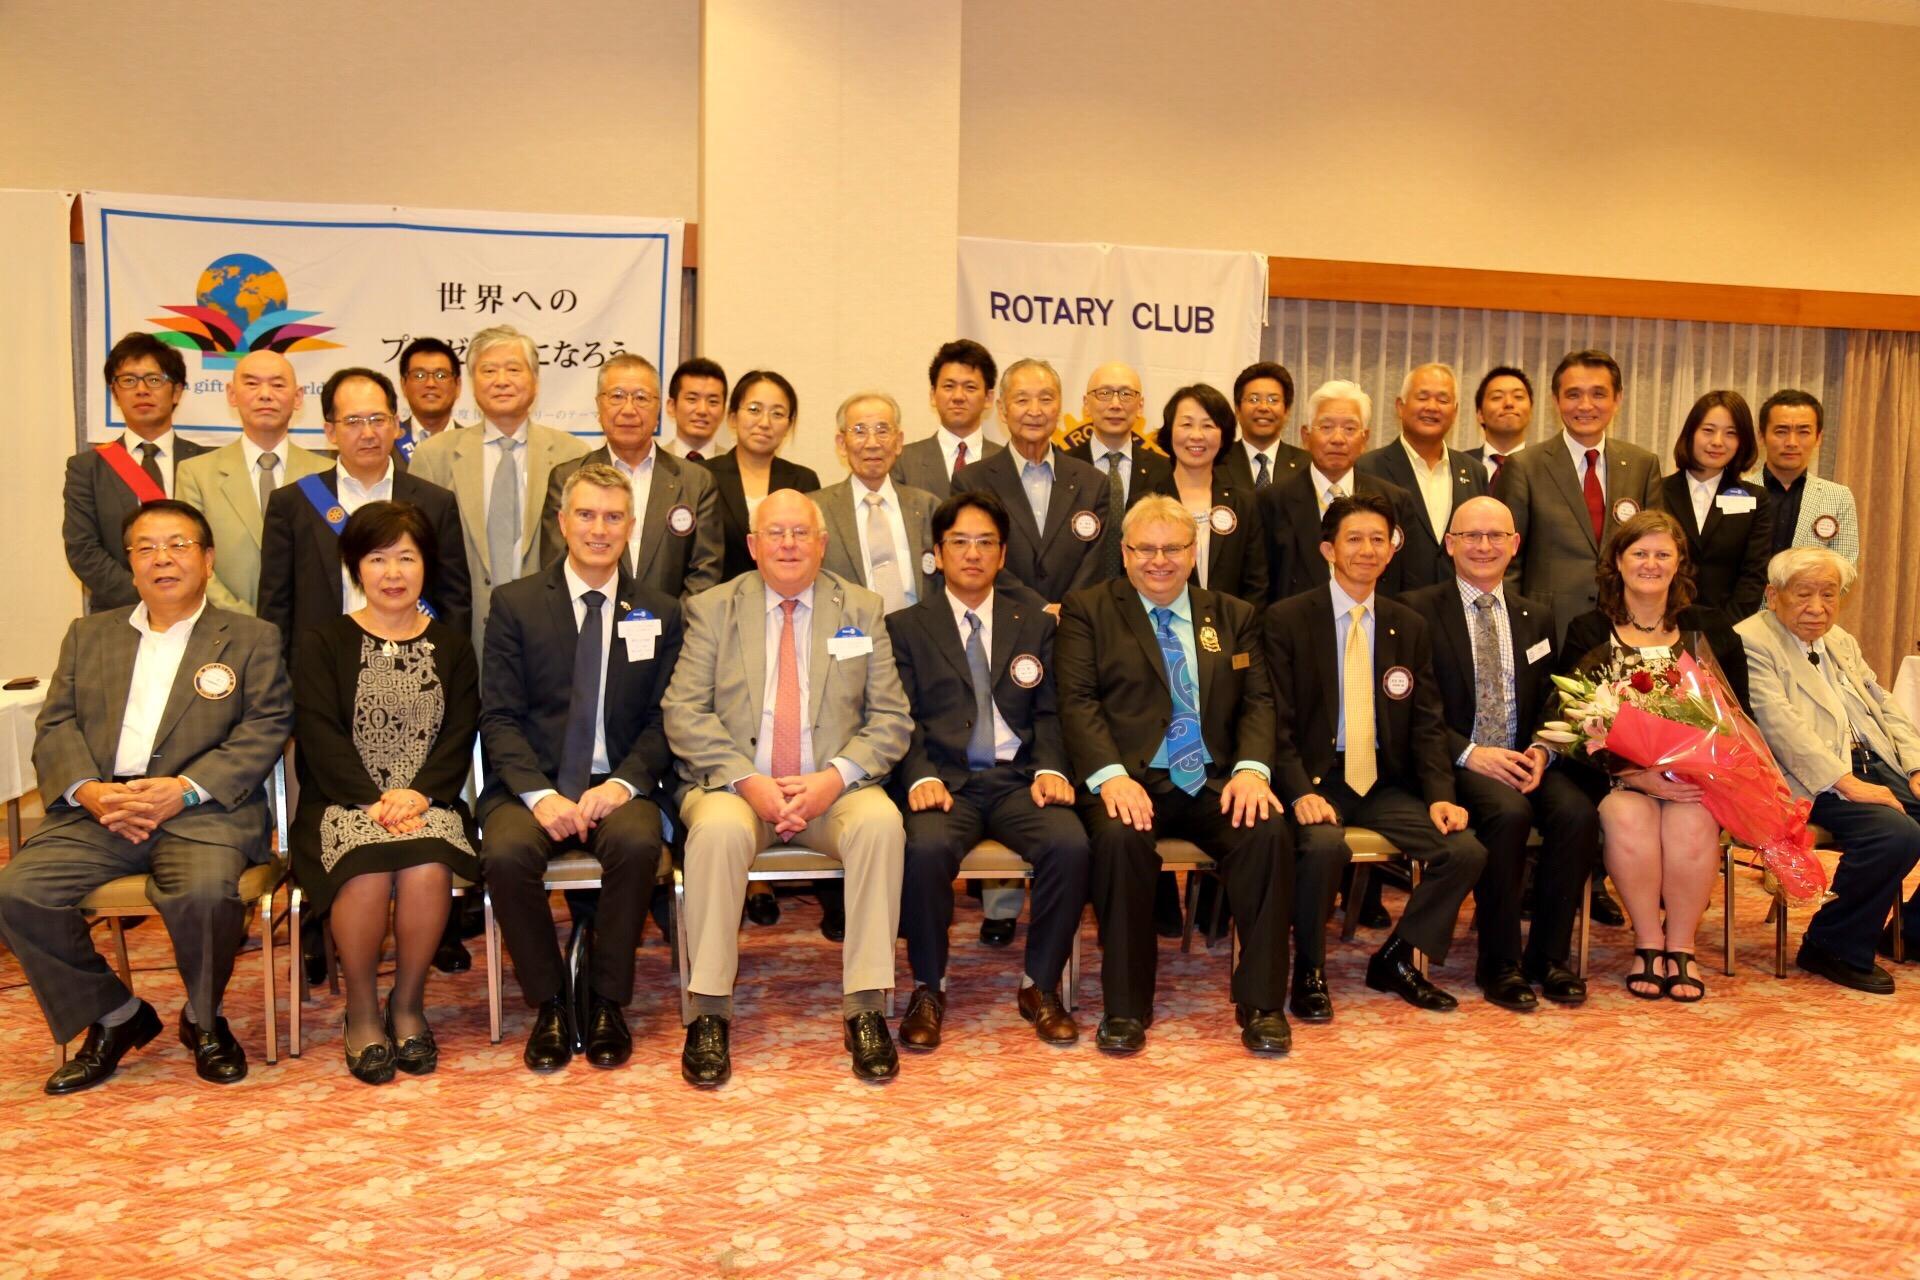 Minoh Rotary hosts Hutt Valley Rotary and Hutt City Council